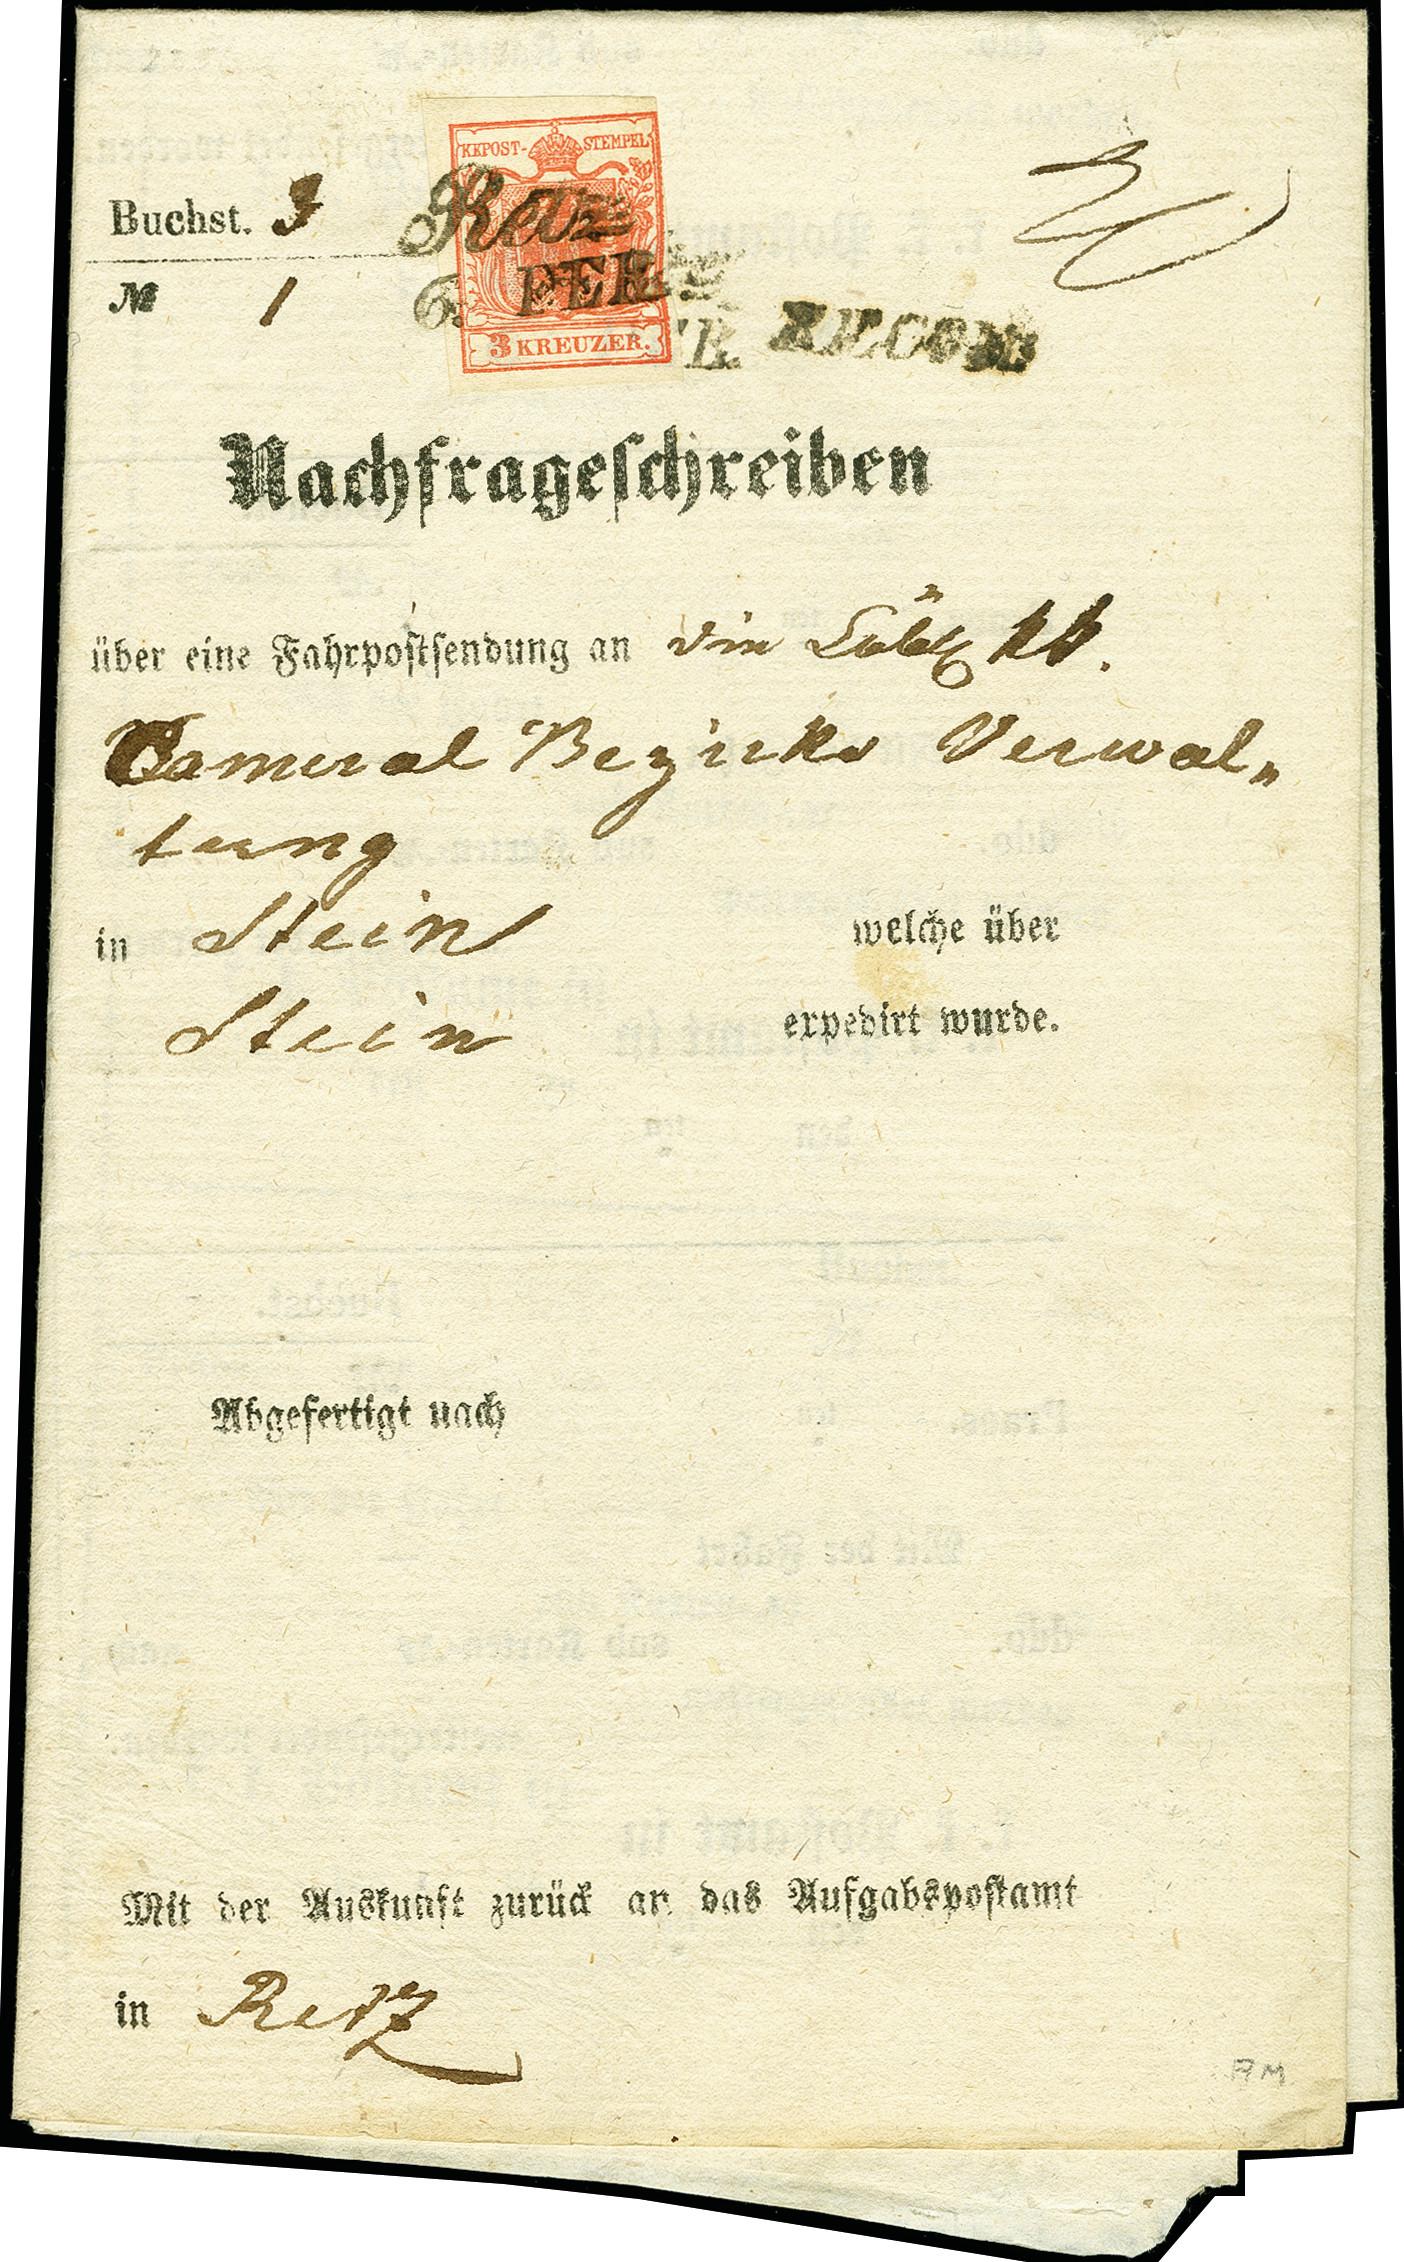 Lot 1009 - europa Austria -  Heinrich Koehler Auktionen 375rd Heinrich Köhler auction - Day 1